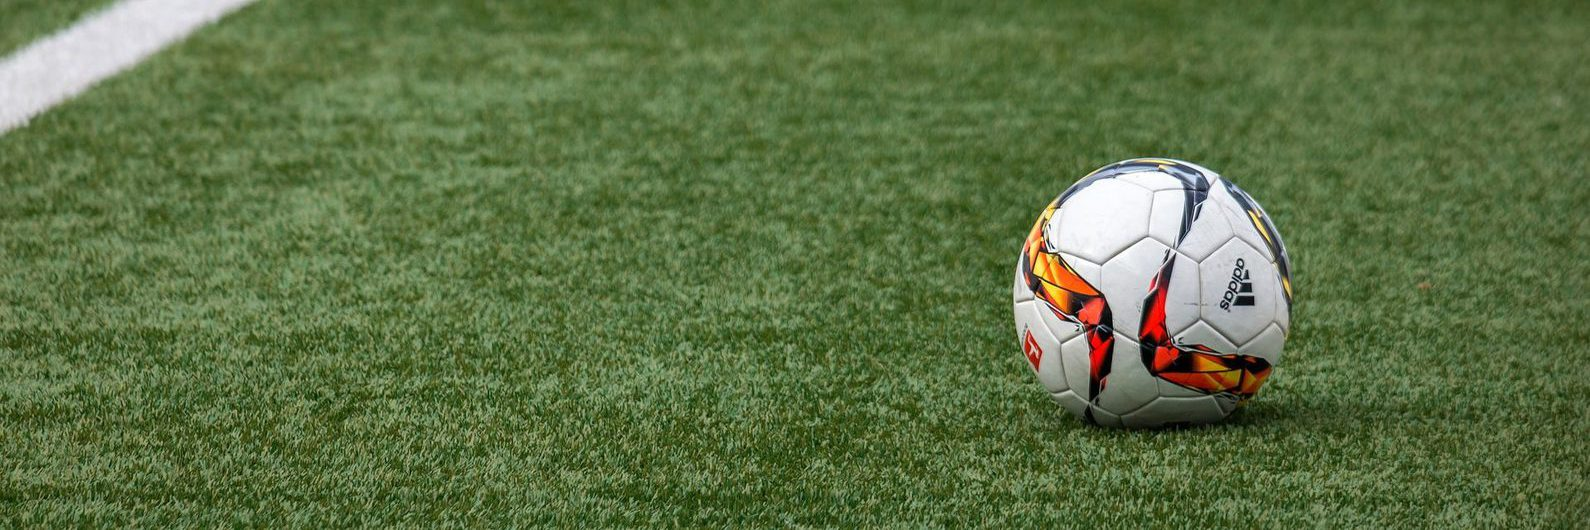 Fisco britânico lança megaoperação antifraude no futebol